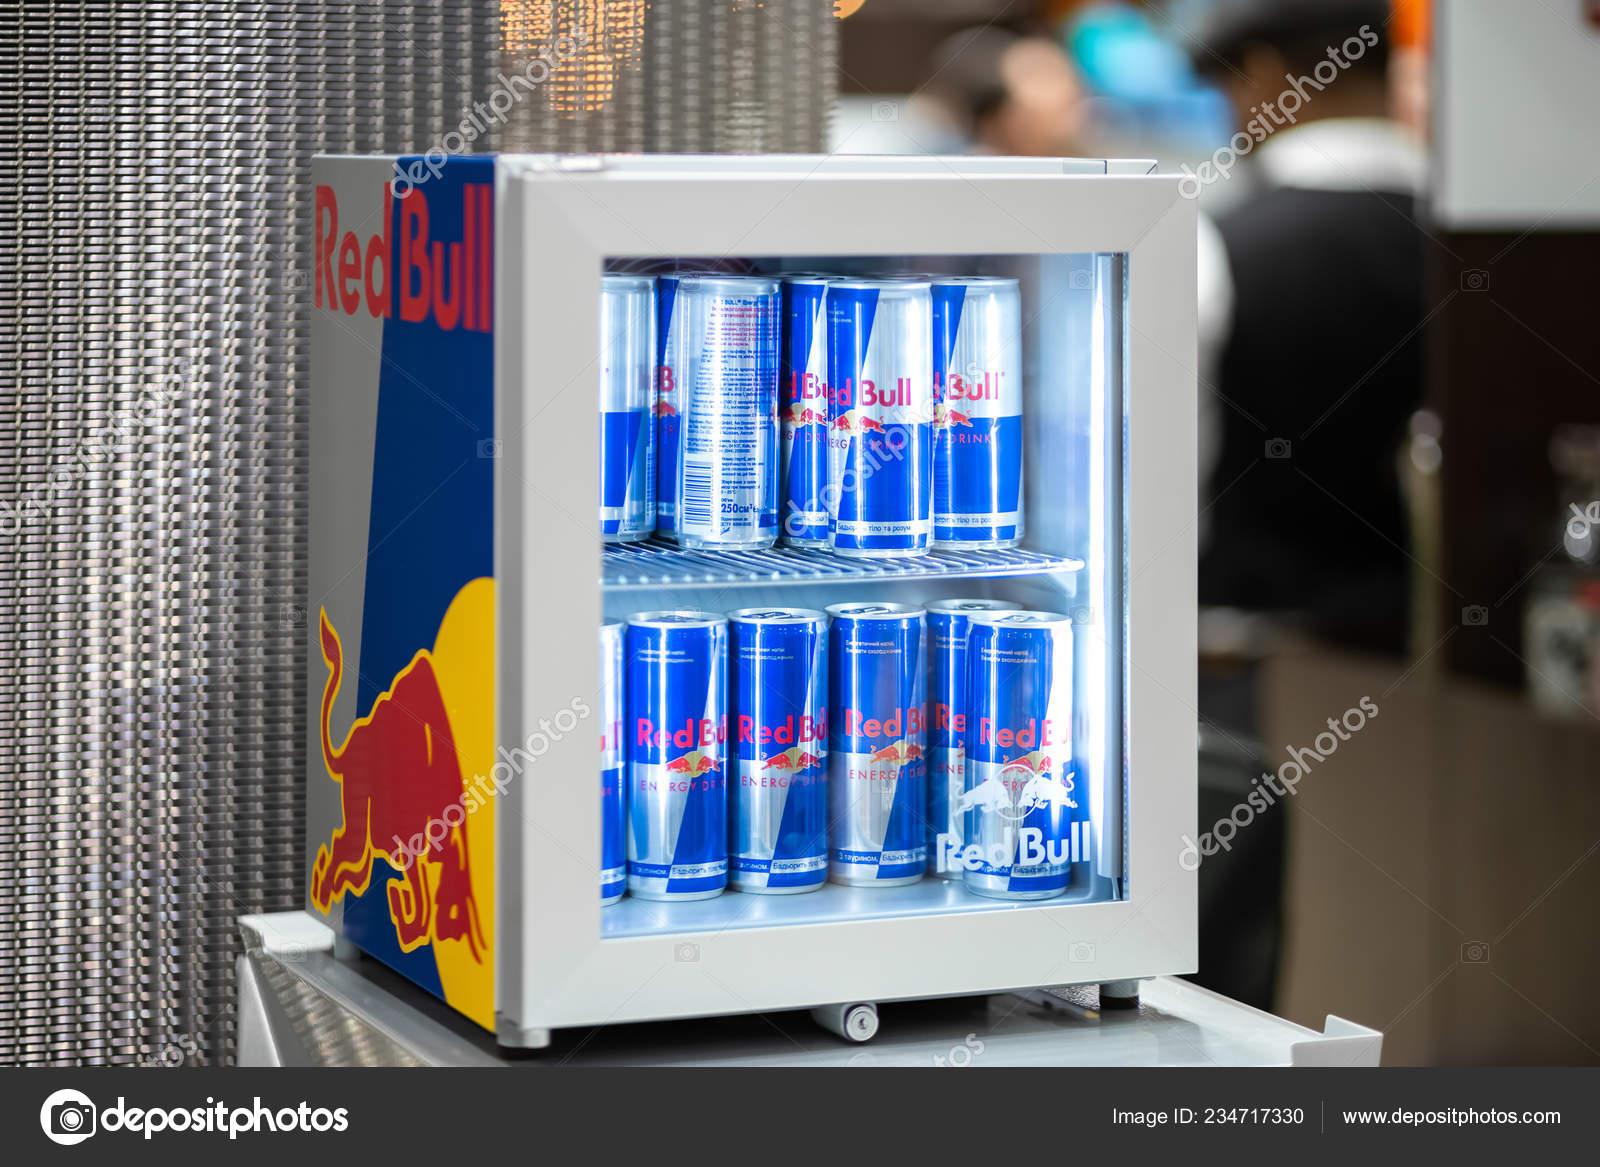 Red Bull Kuehlschrank Dose : Kiew ukraine september red bull marken kühlschrank mit einer